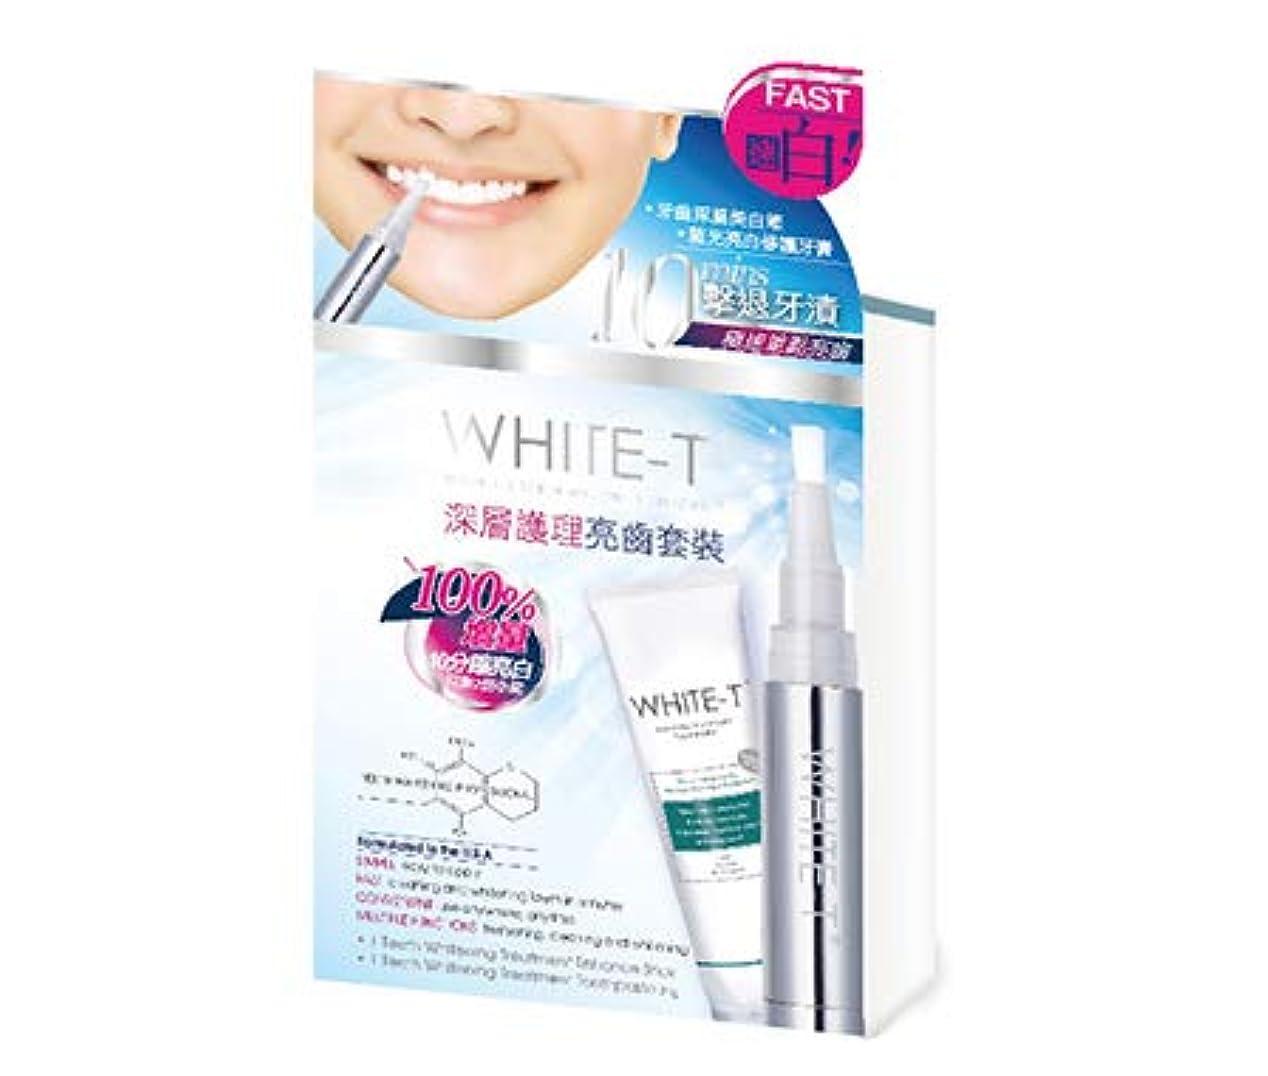 浸漬動作インタビューWHITE-T ホワイトニング ペンタイプ(4ml) +ホワイトニング歯磨き粉(30g) 並行輸入品